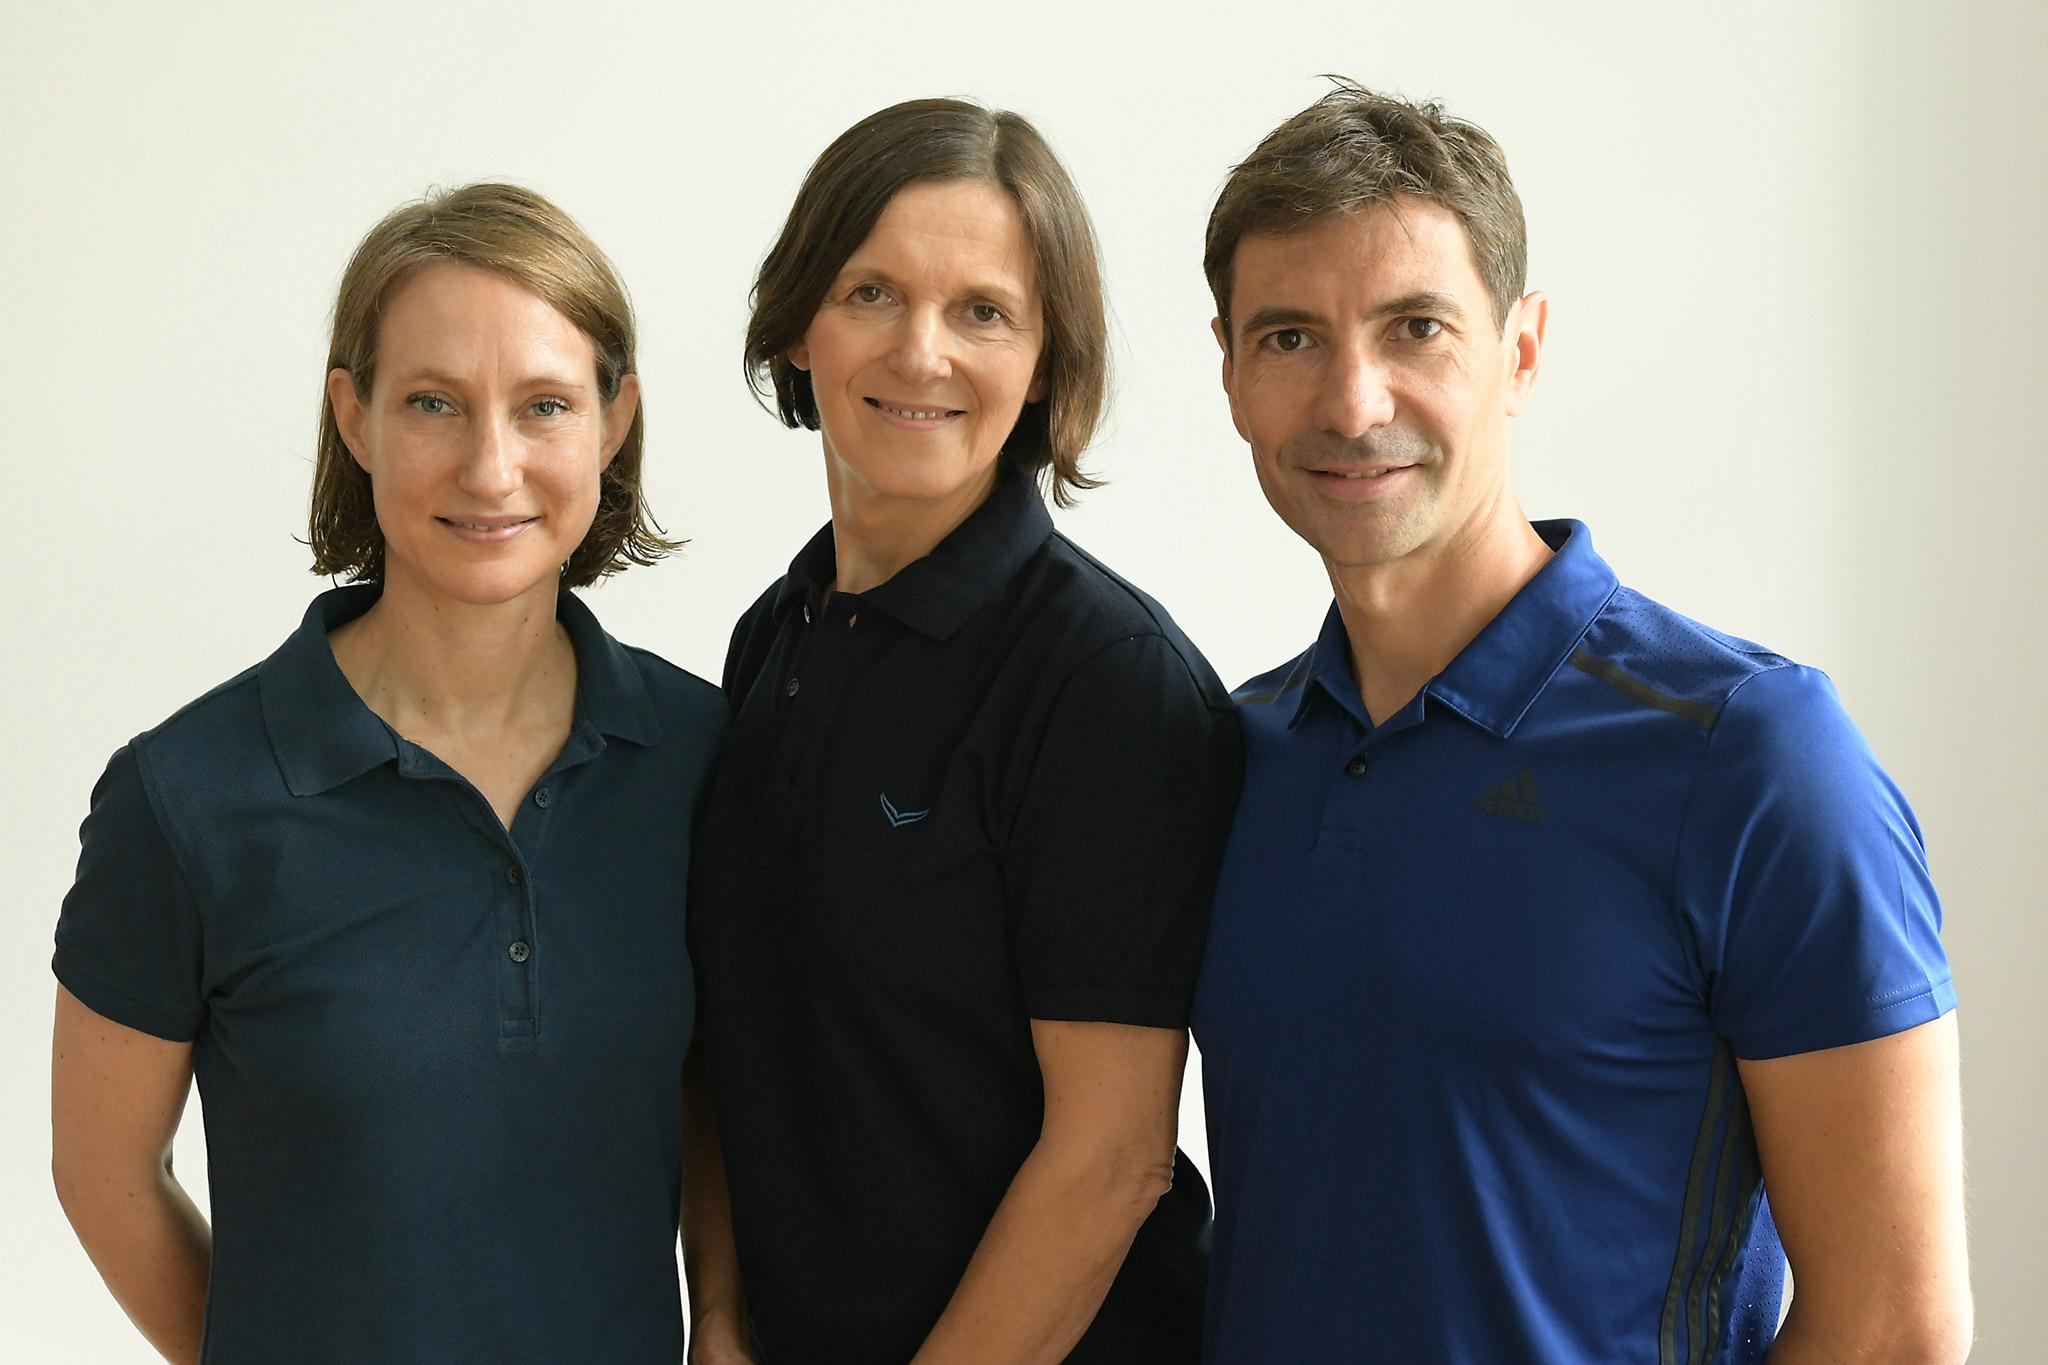 Team Heilpraxis Rogler